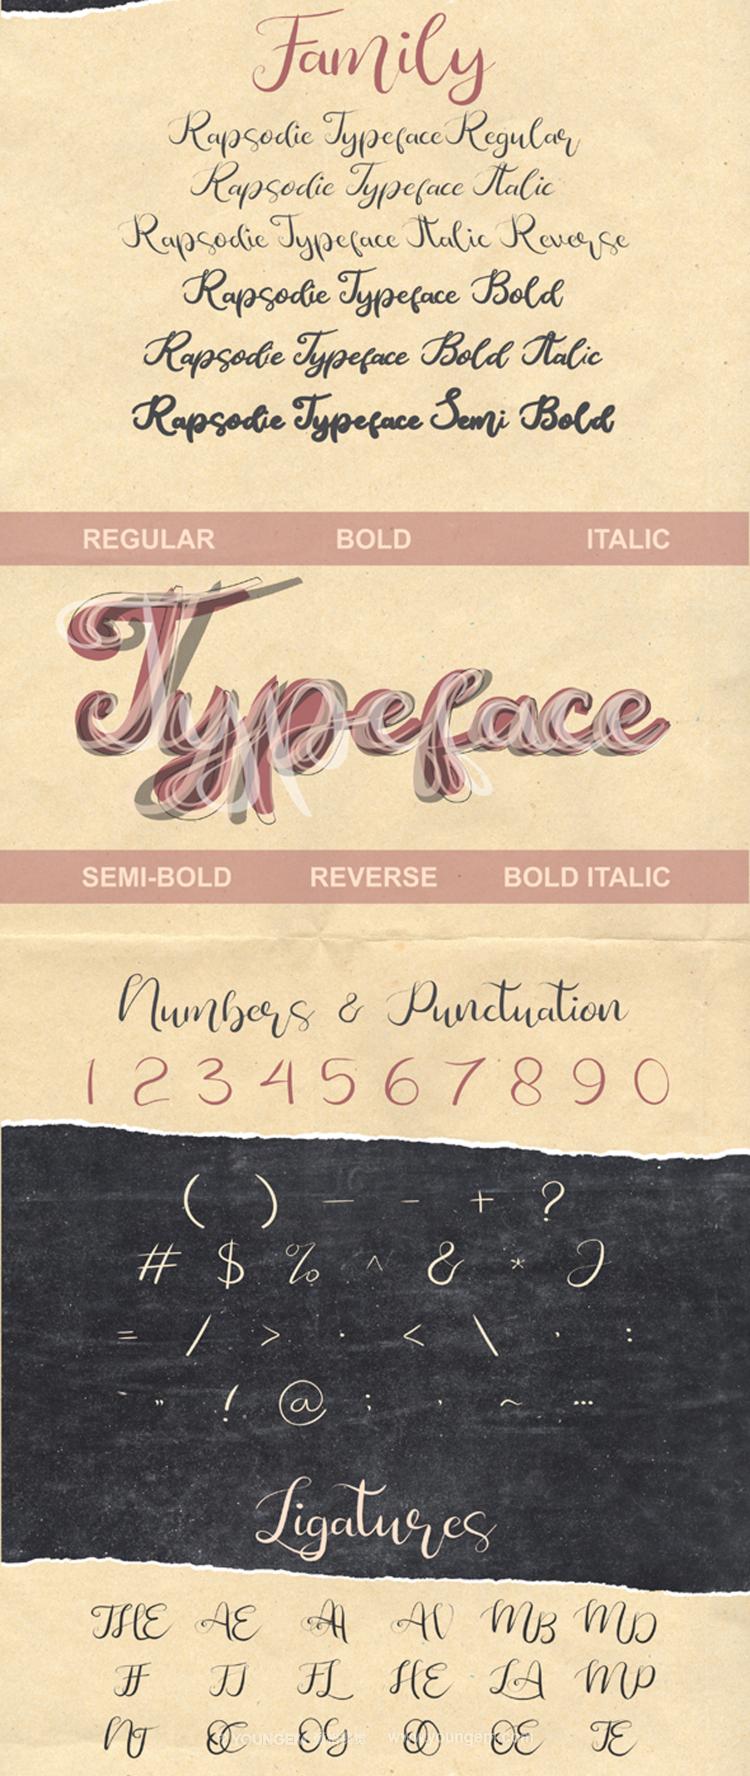 趣味的封面商店广告牌手写英文字体下载模板